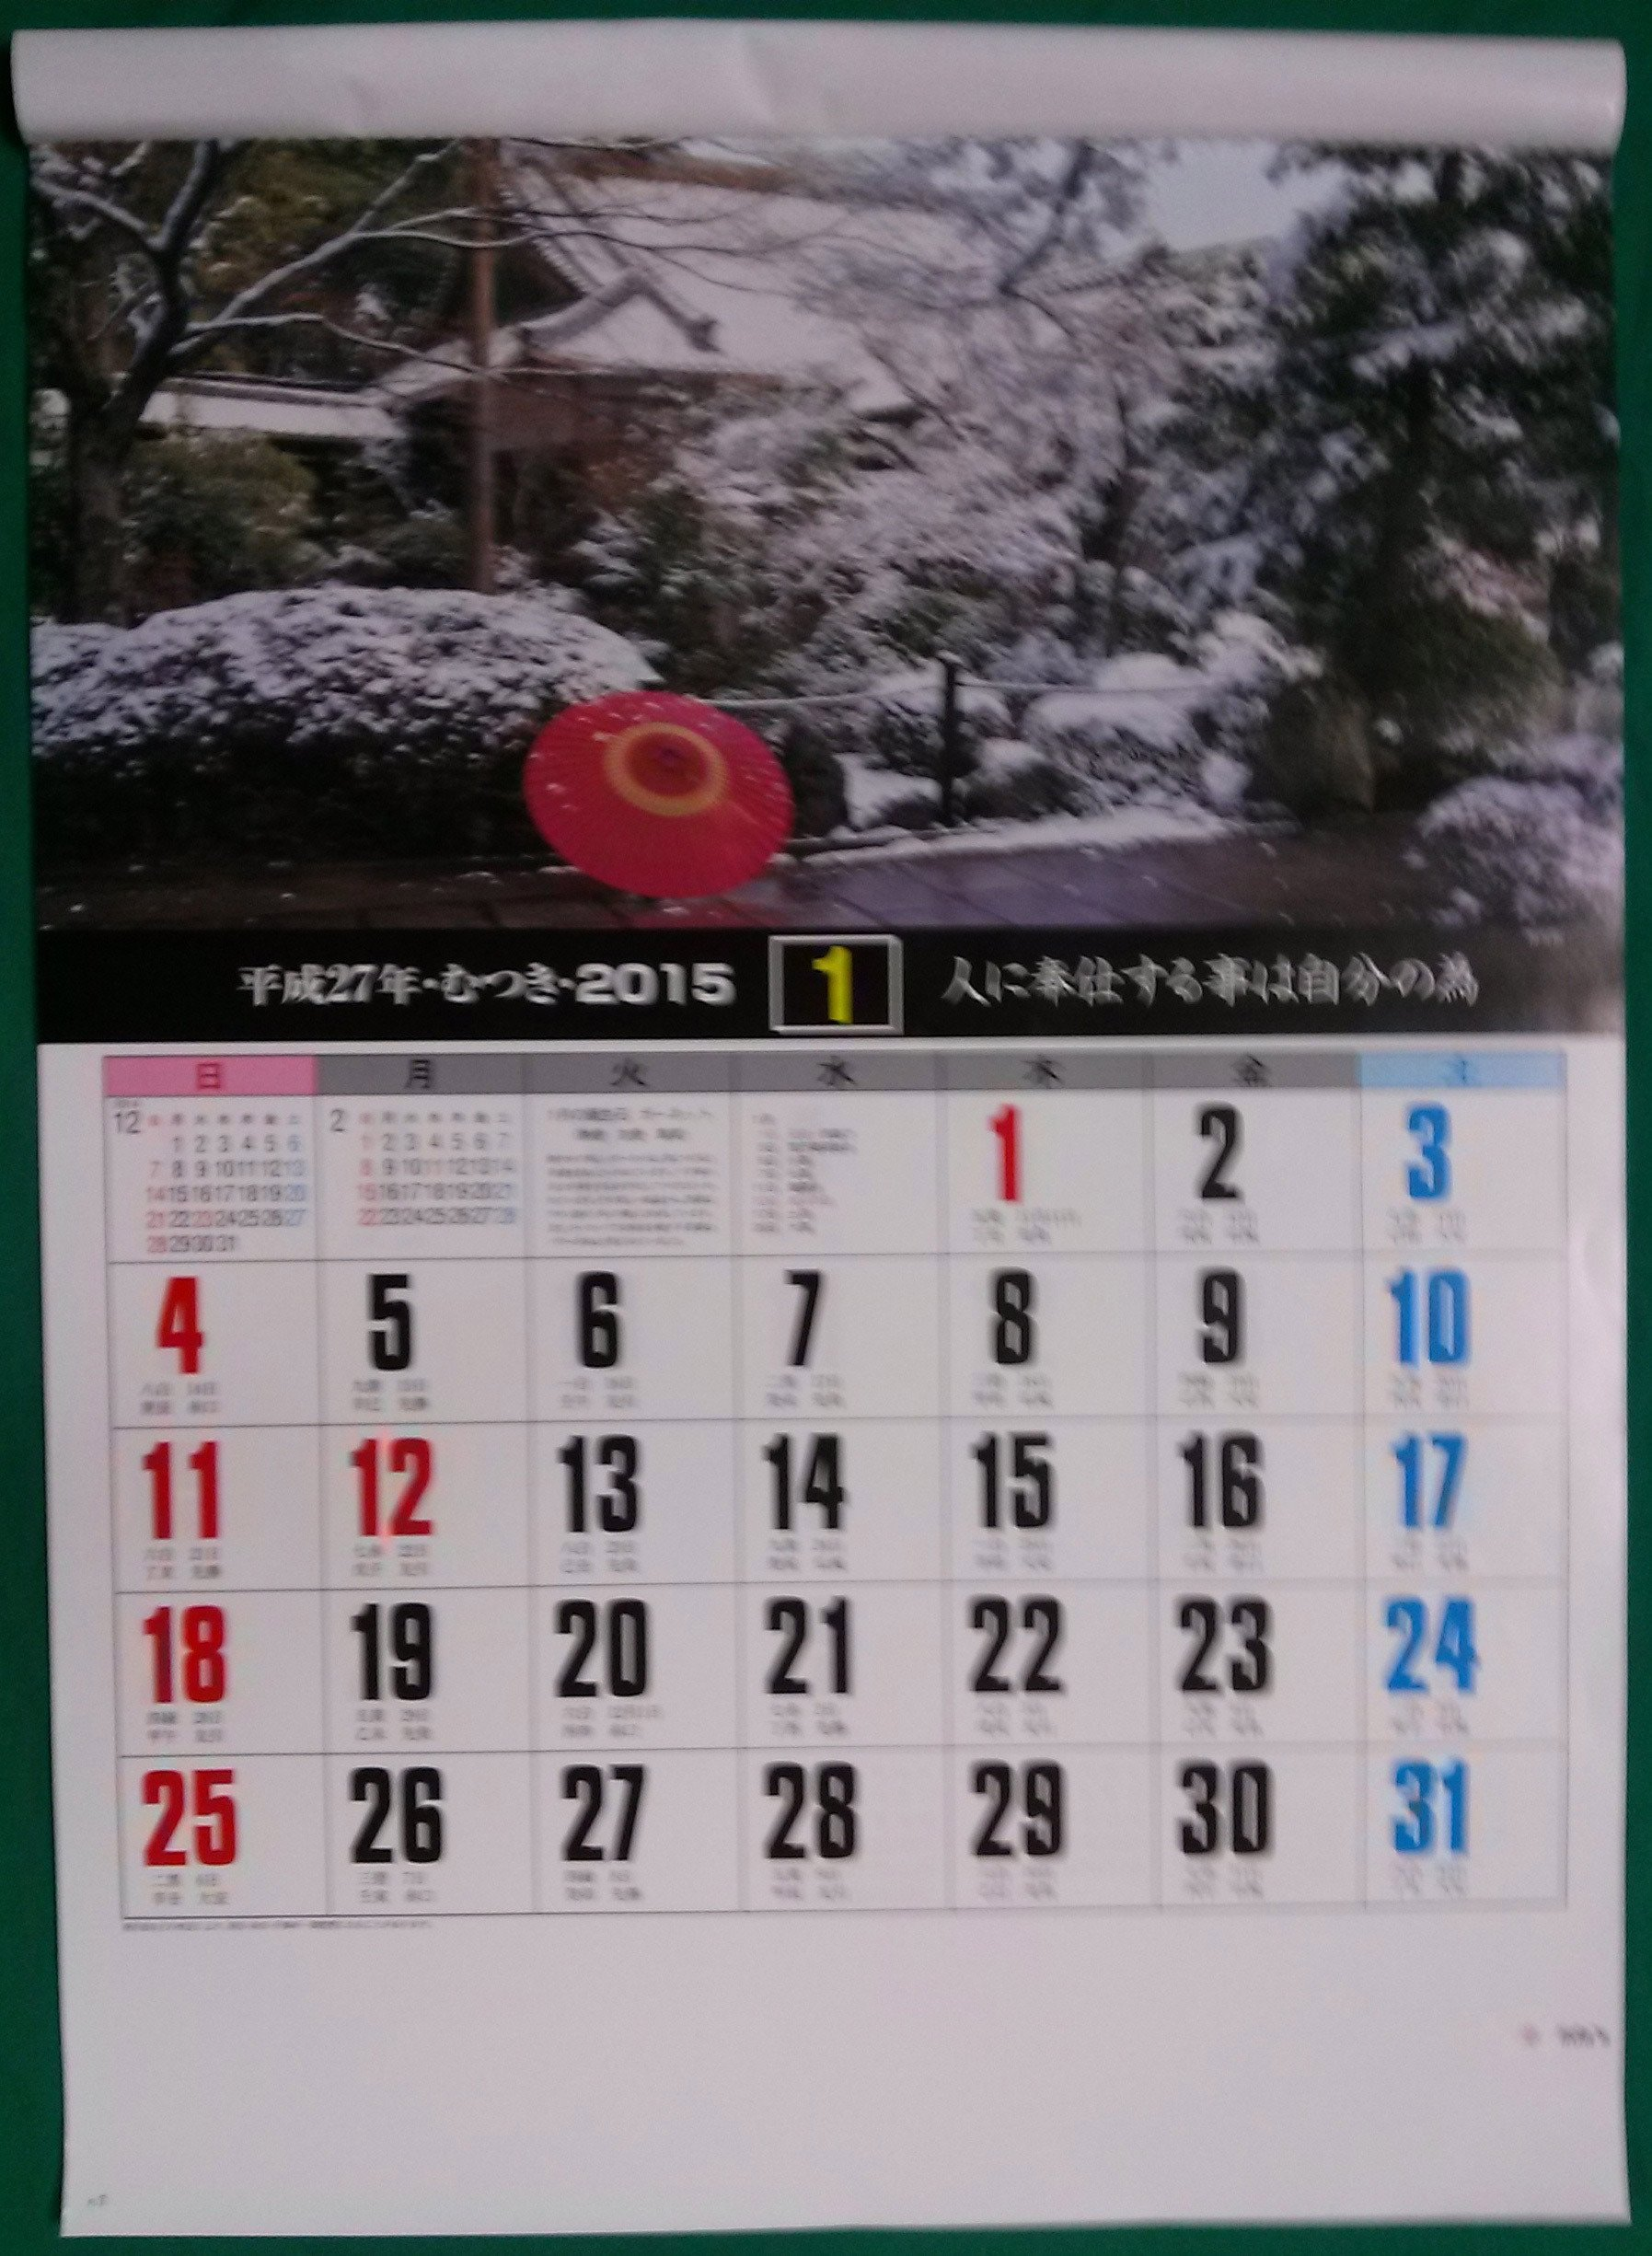 Japanese garden calendar in Honolulu, HI